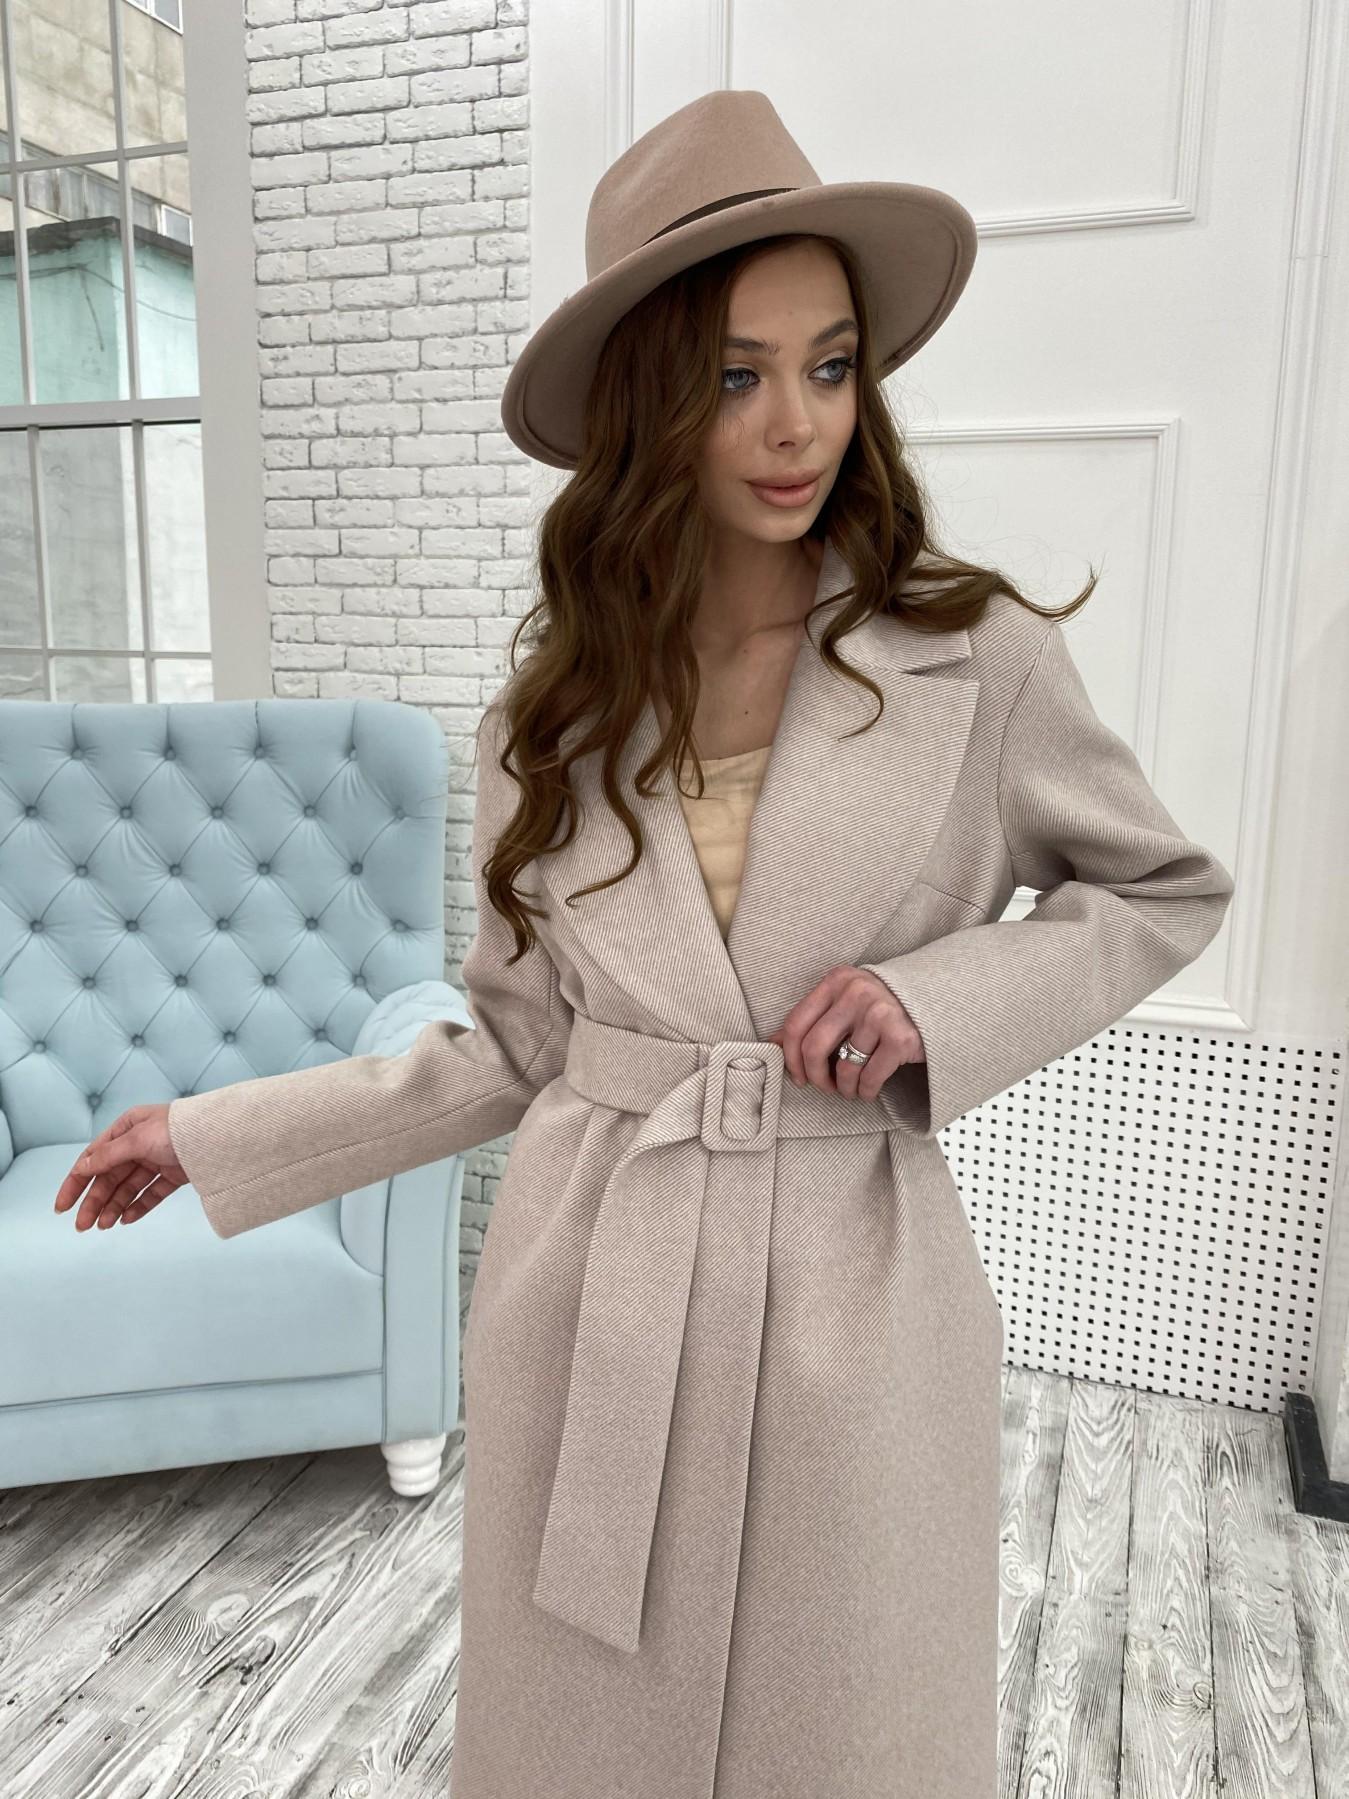 Севен диагональ пальто 10660 АРТ. 47061 Цвет: Бежевый - фото 2, интернет магазин tm-modus.ru